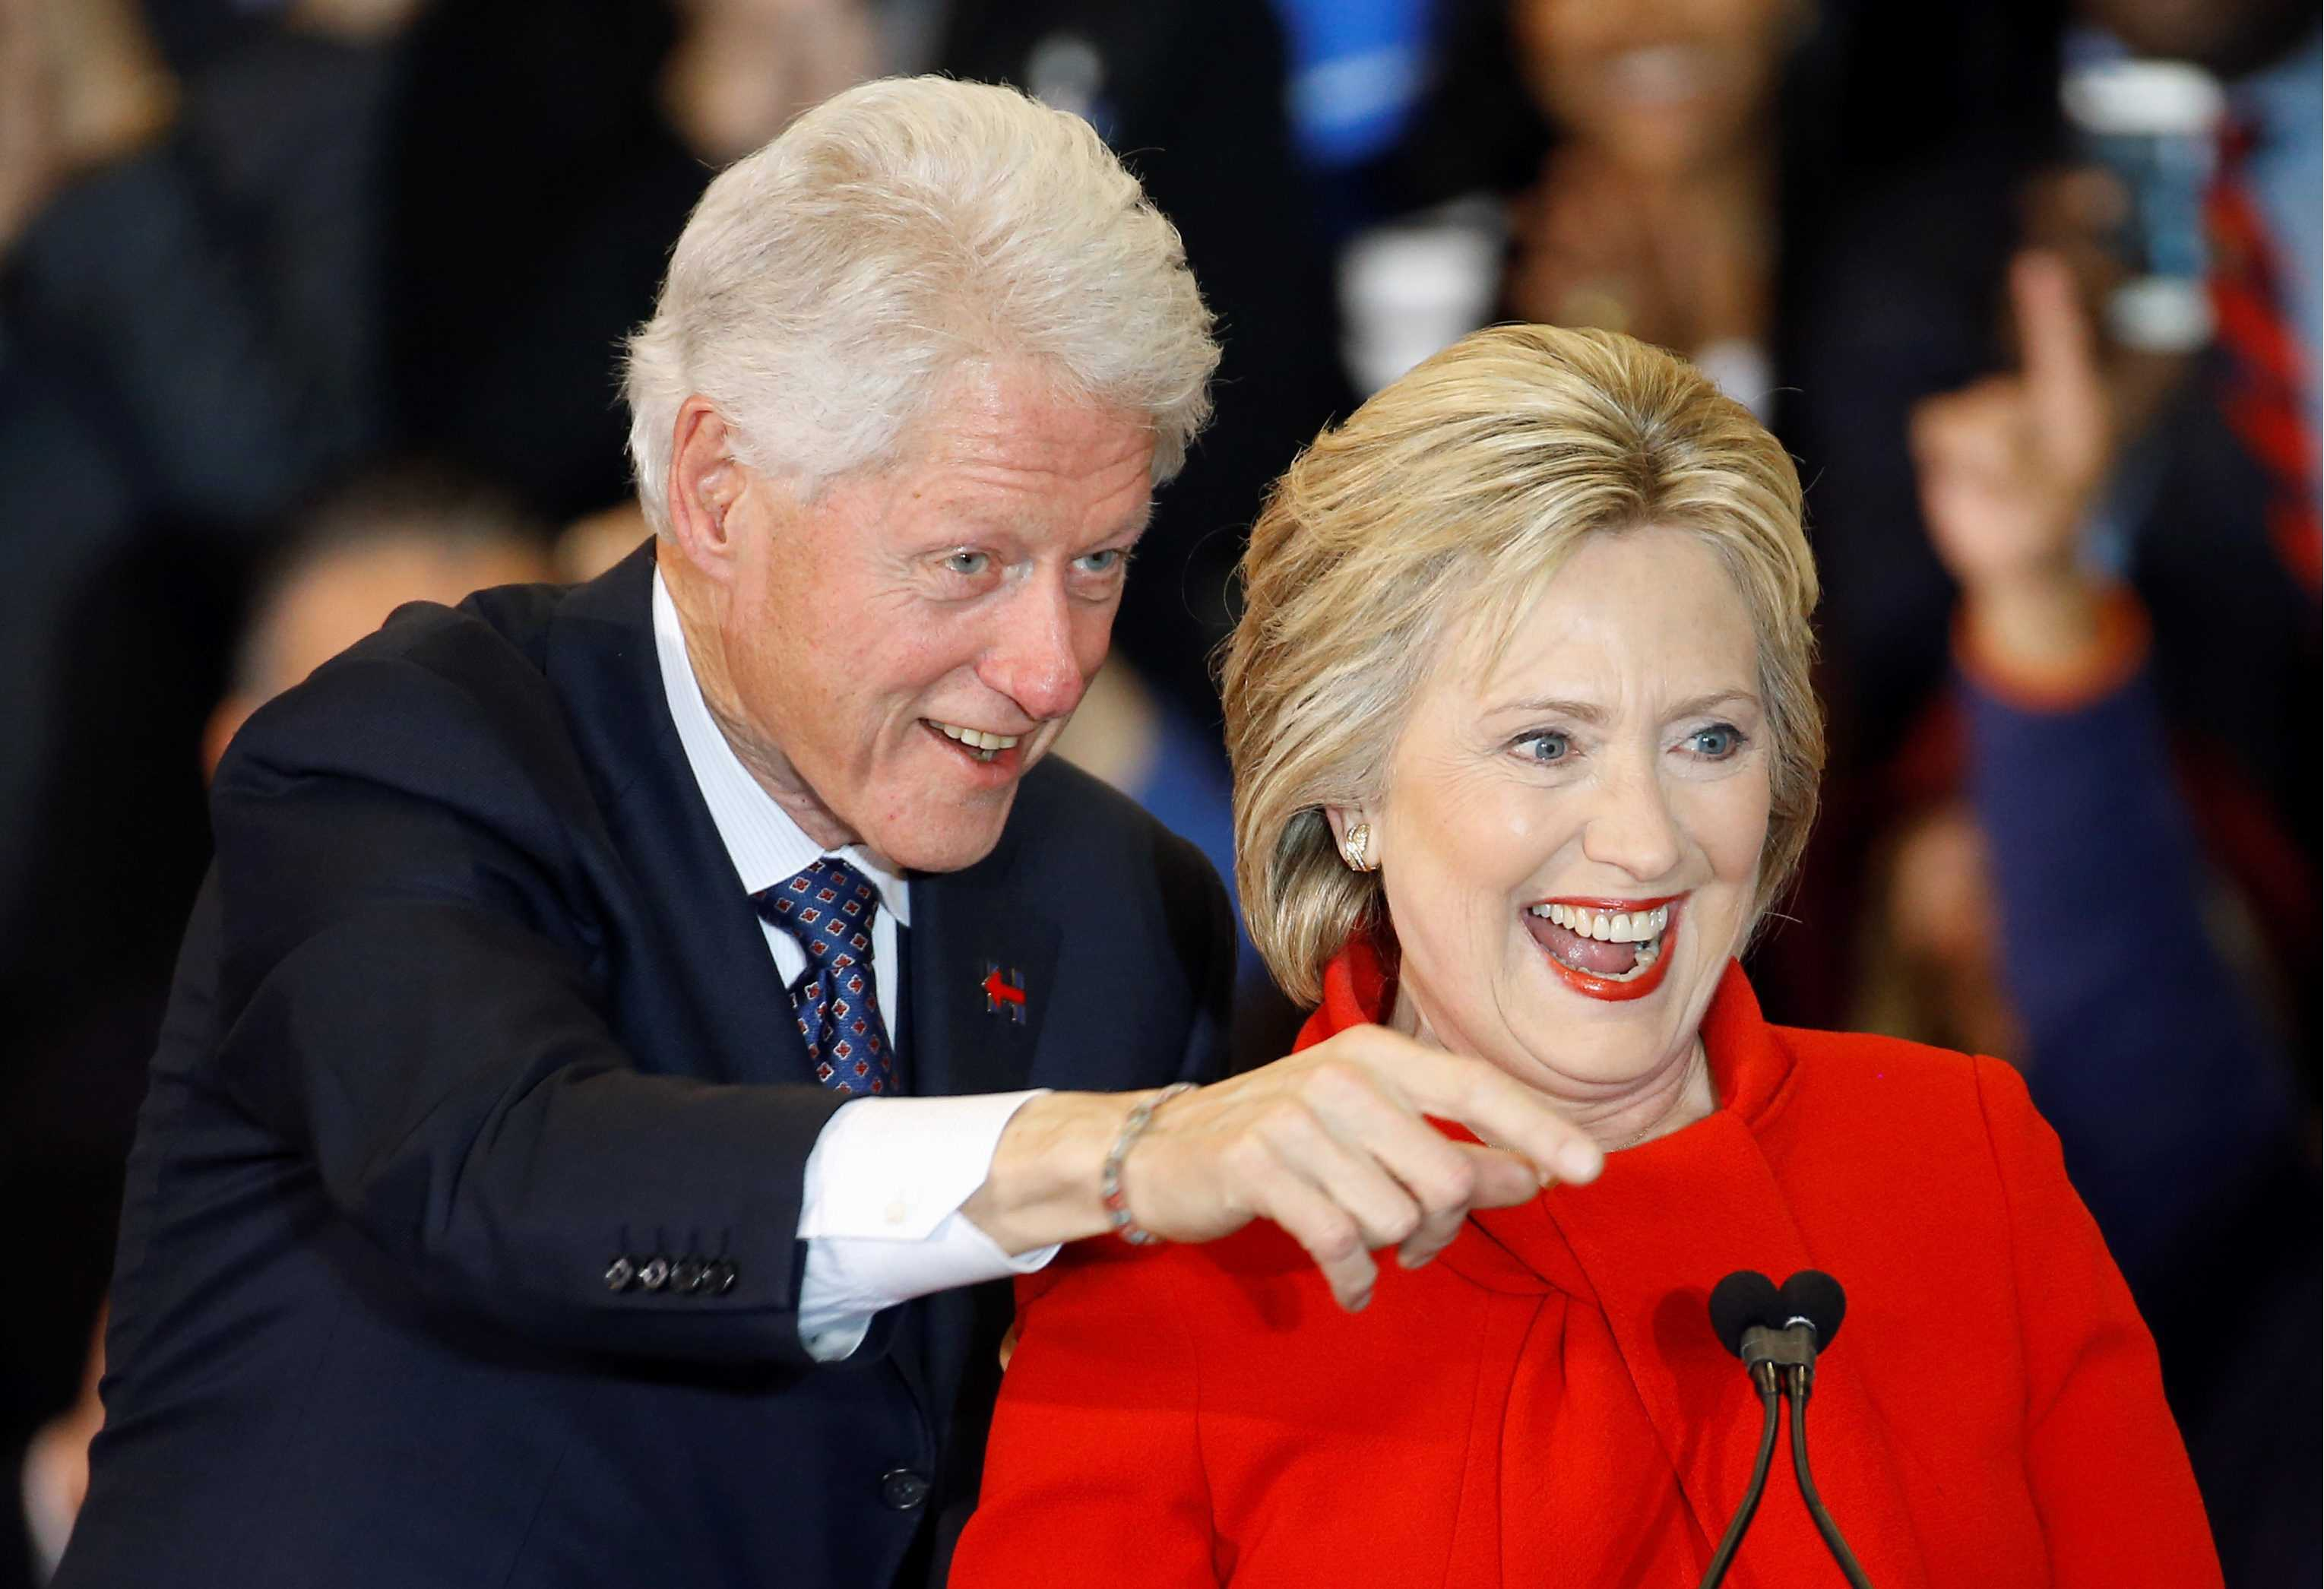 Οι επενδυτές ψηφίζουν Χίλαρυ λόγω… Μπιλ